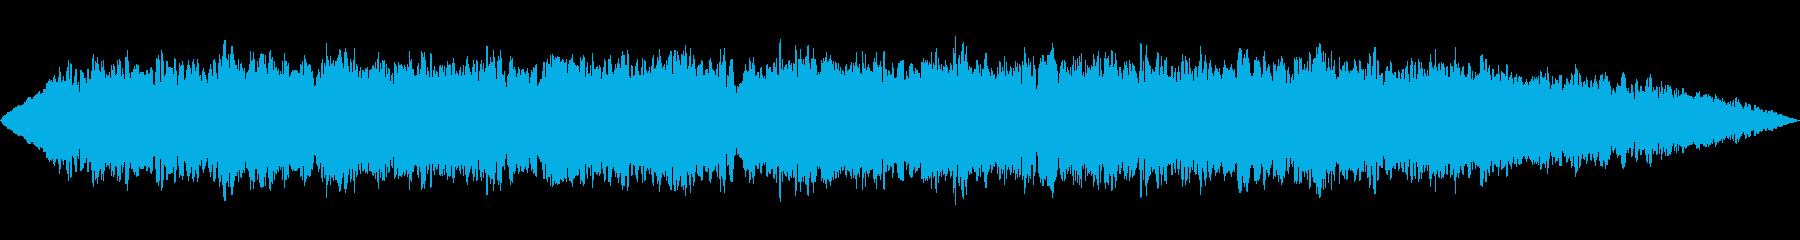 キーン、グルグル(不快な音)の再生済みの波形